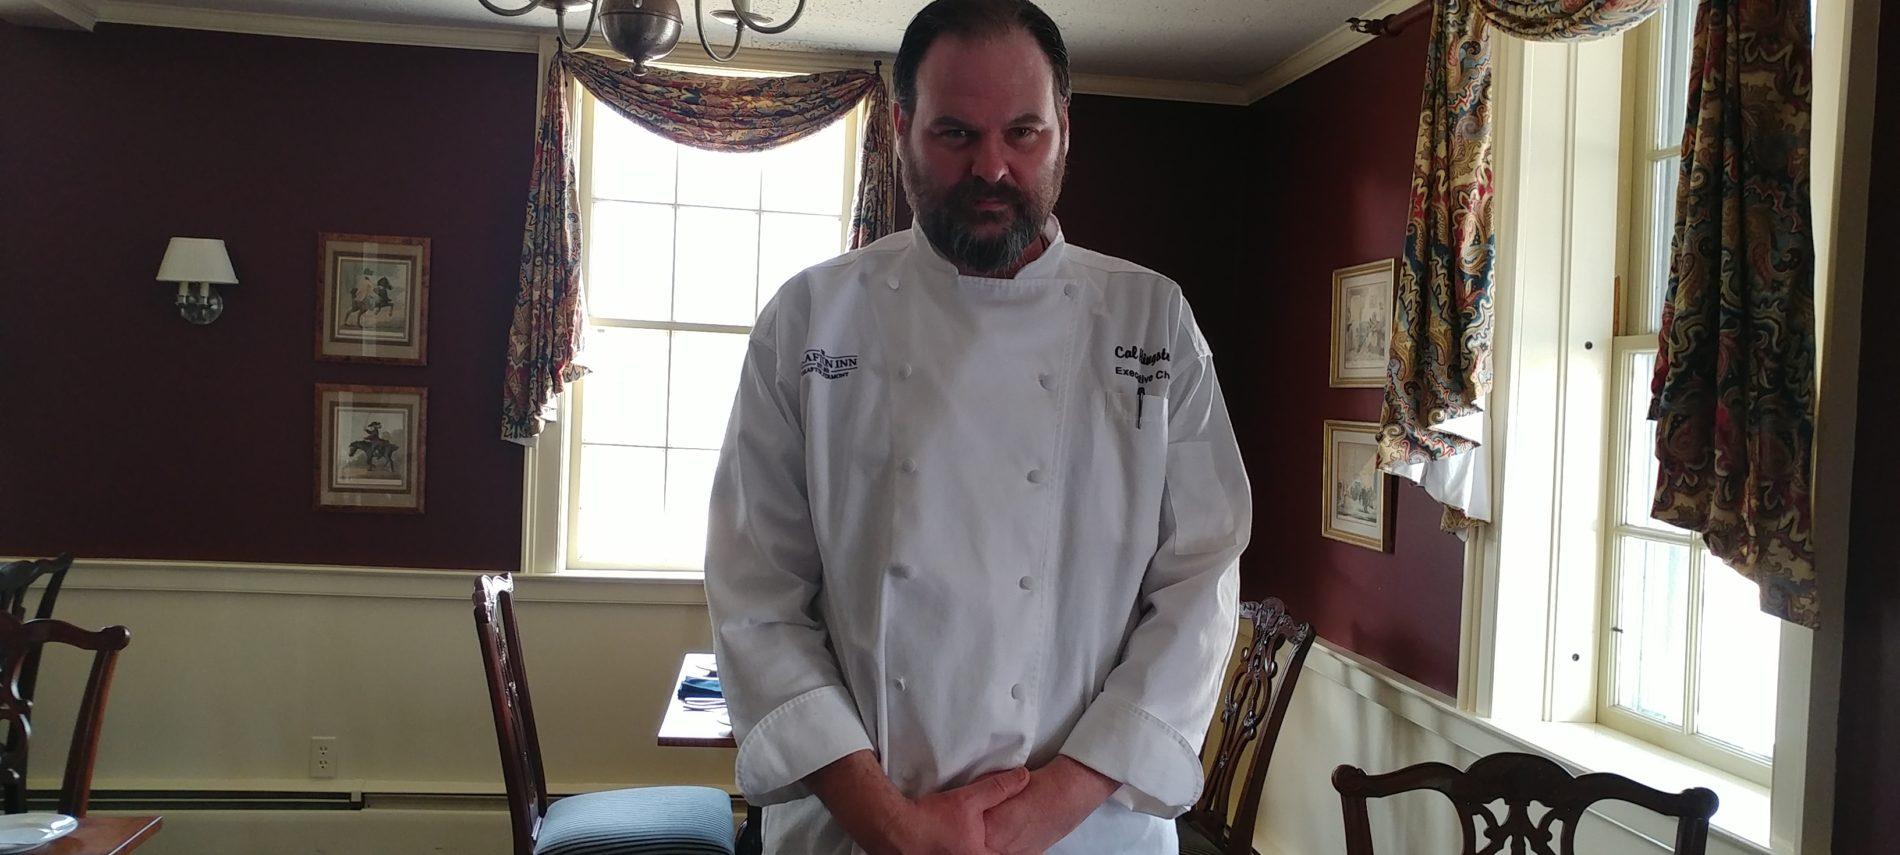 Chef Cal, Grafton Inn